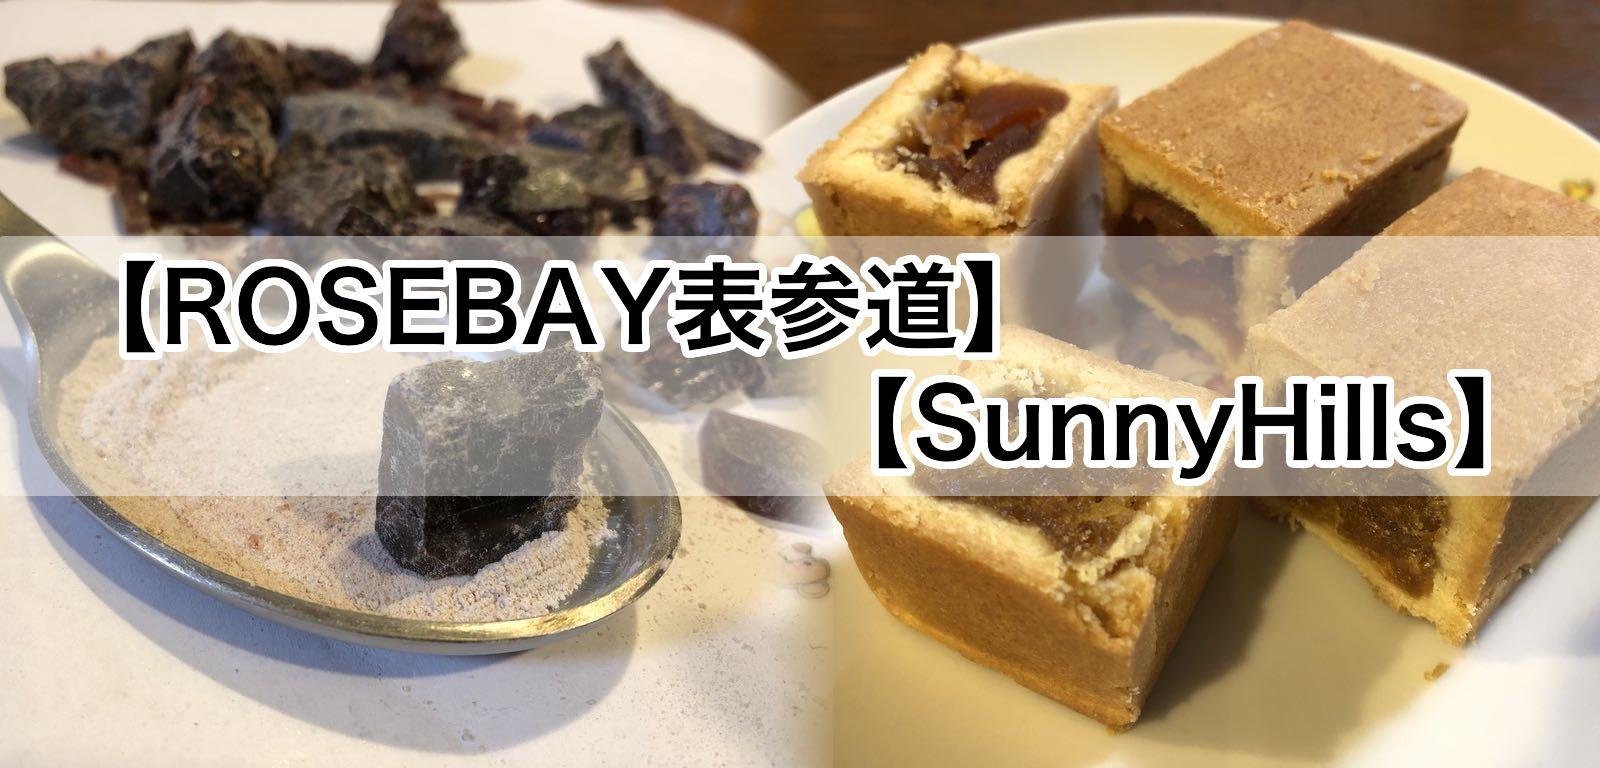 表参道 ヒマラヤ岩塩 パイナップルケーキ サニーヒルズ